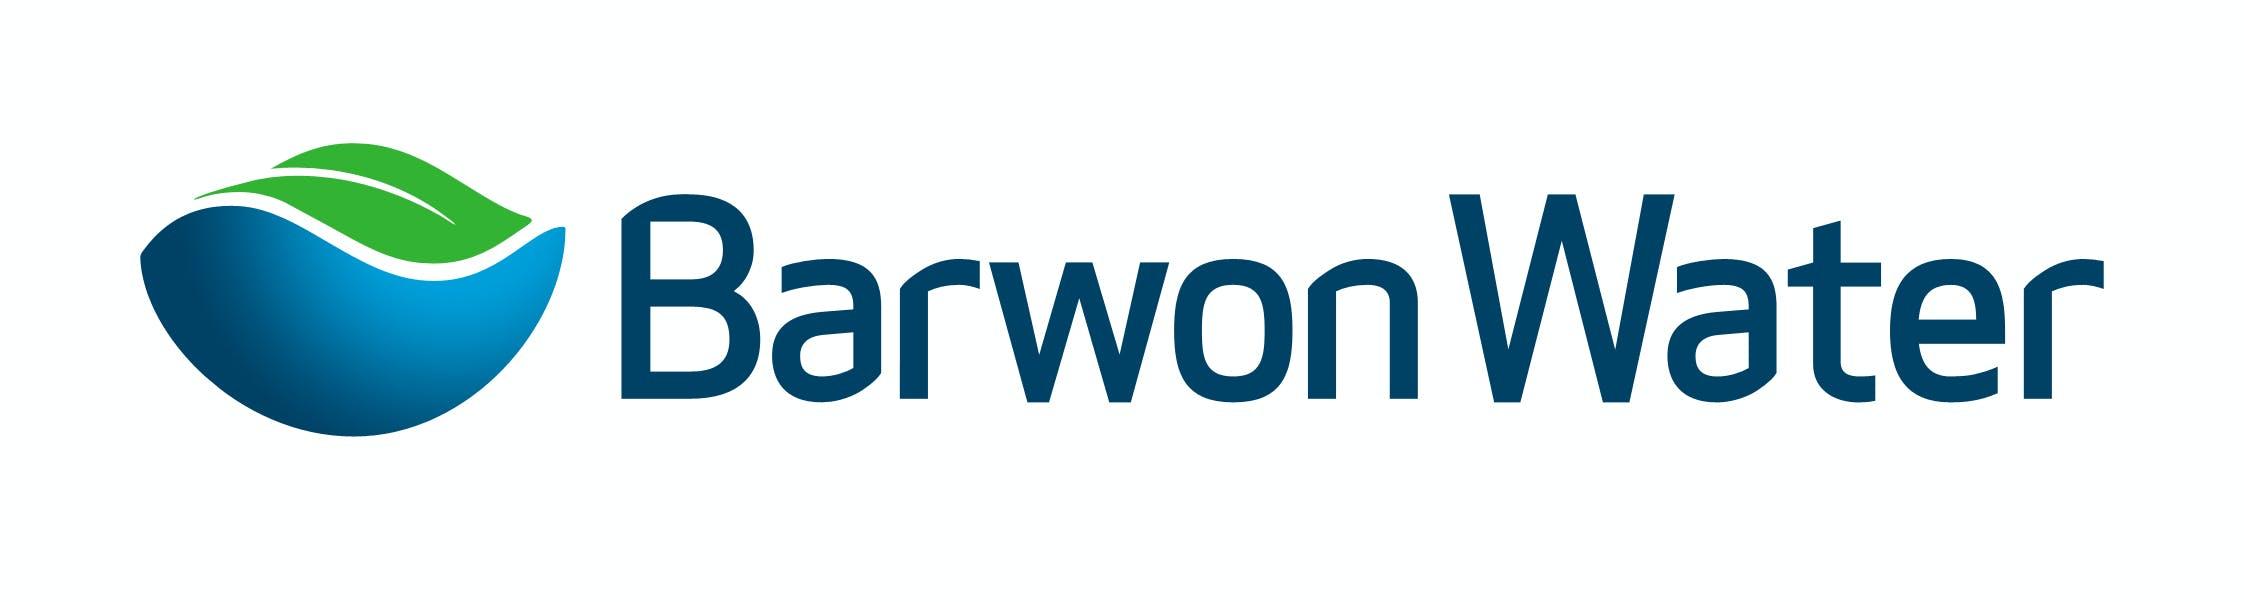 Your Say at Barwon Water